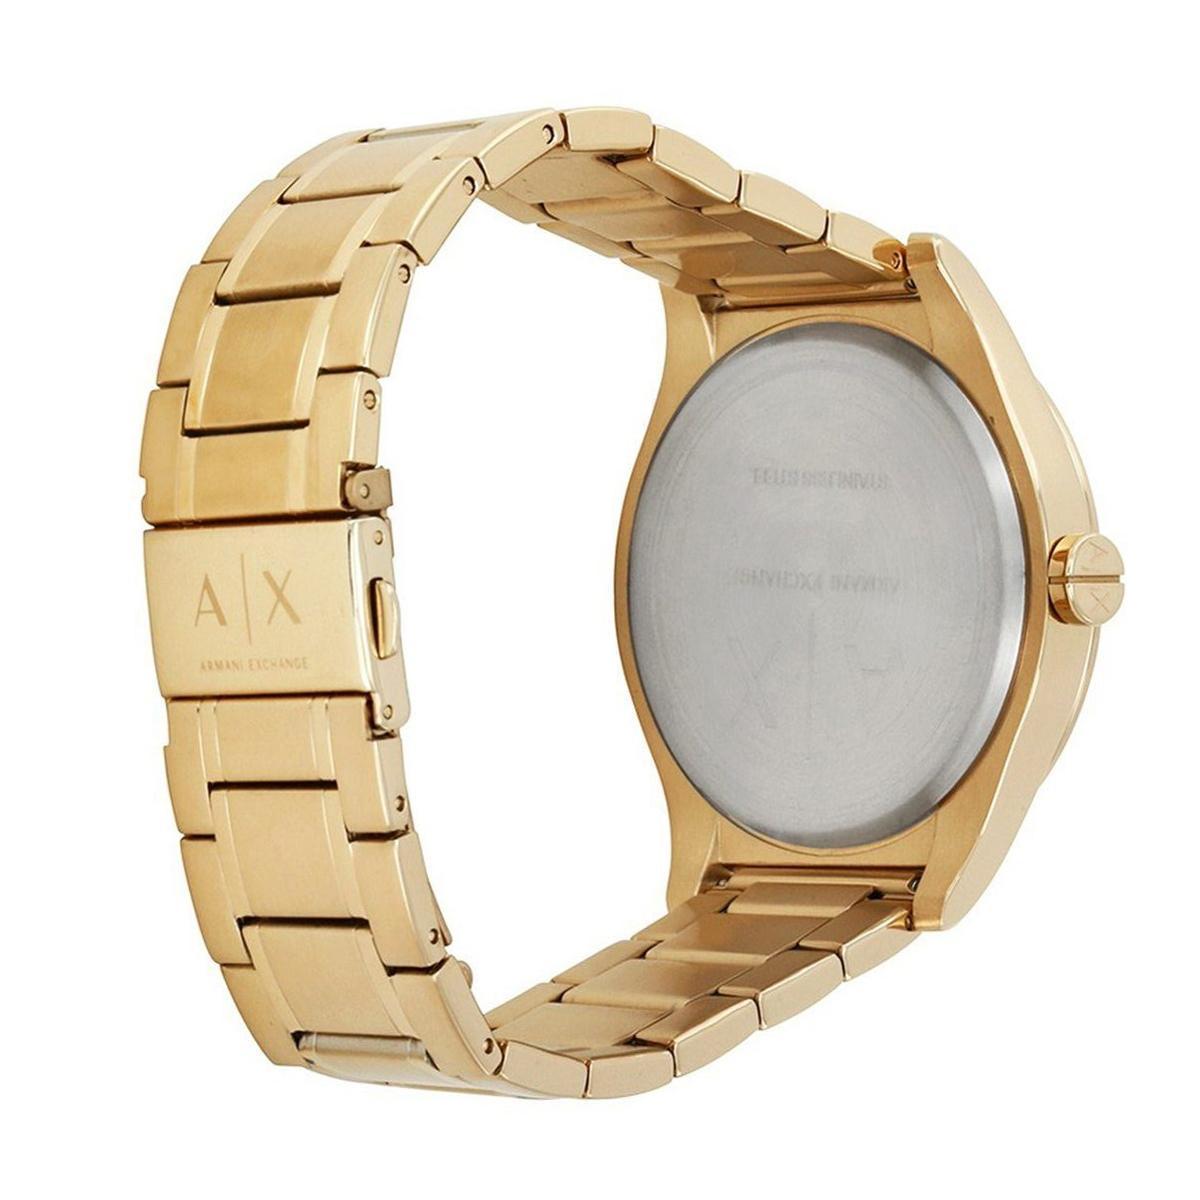 140e0d8f879 Relogio armani exchange masculino dourado ax2328 - Relógio Masculino ...